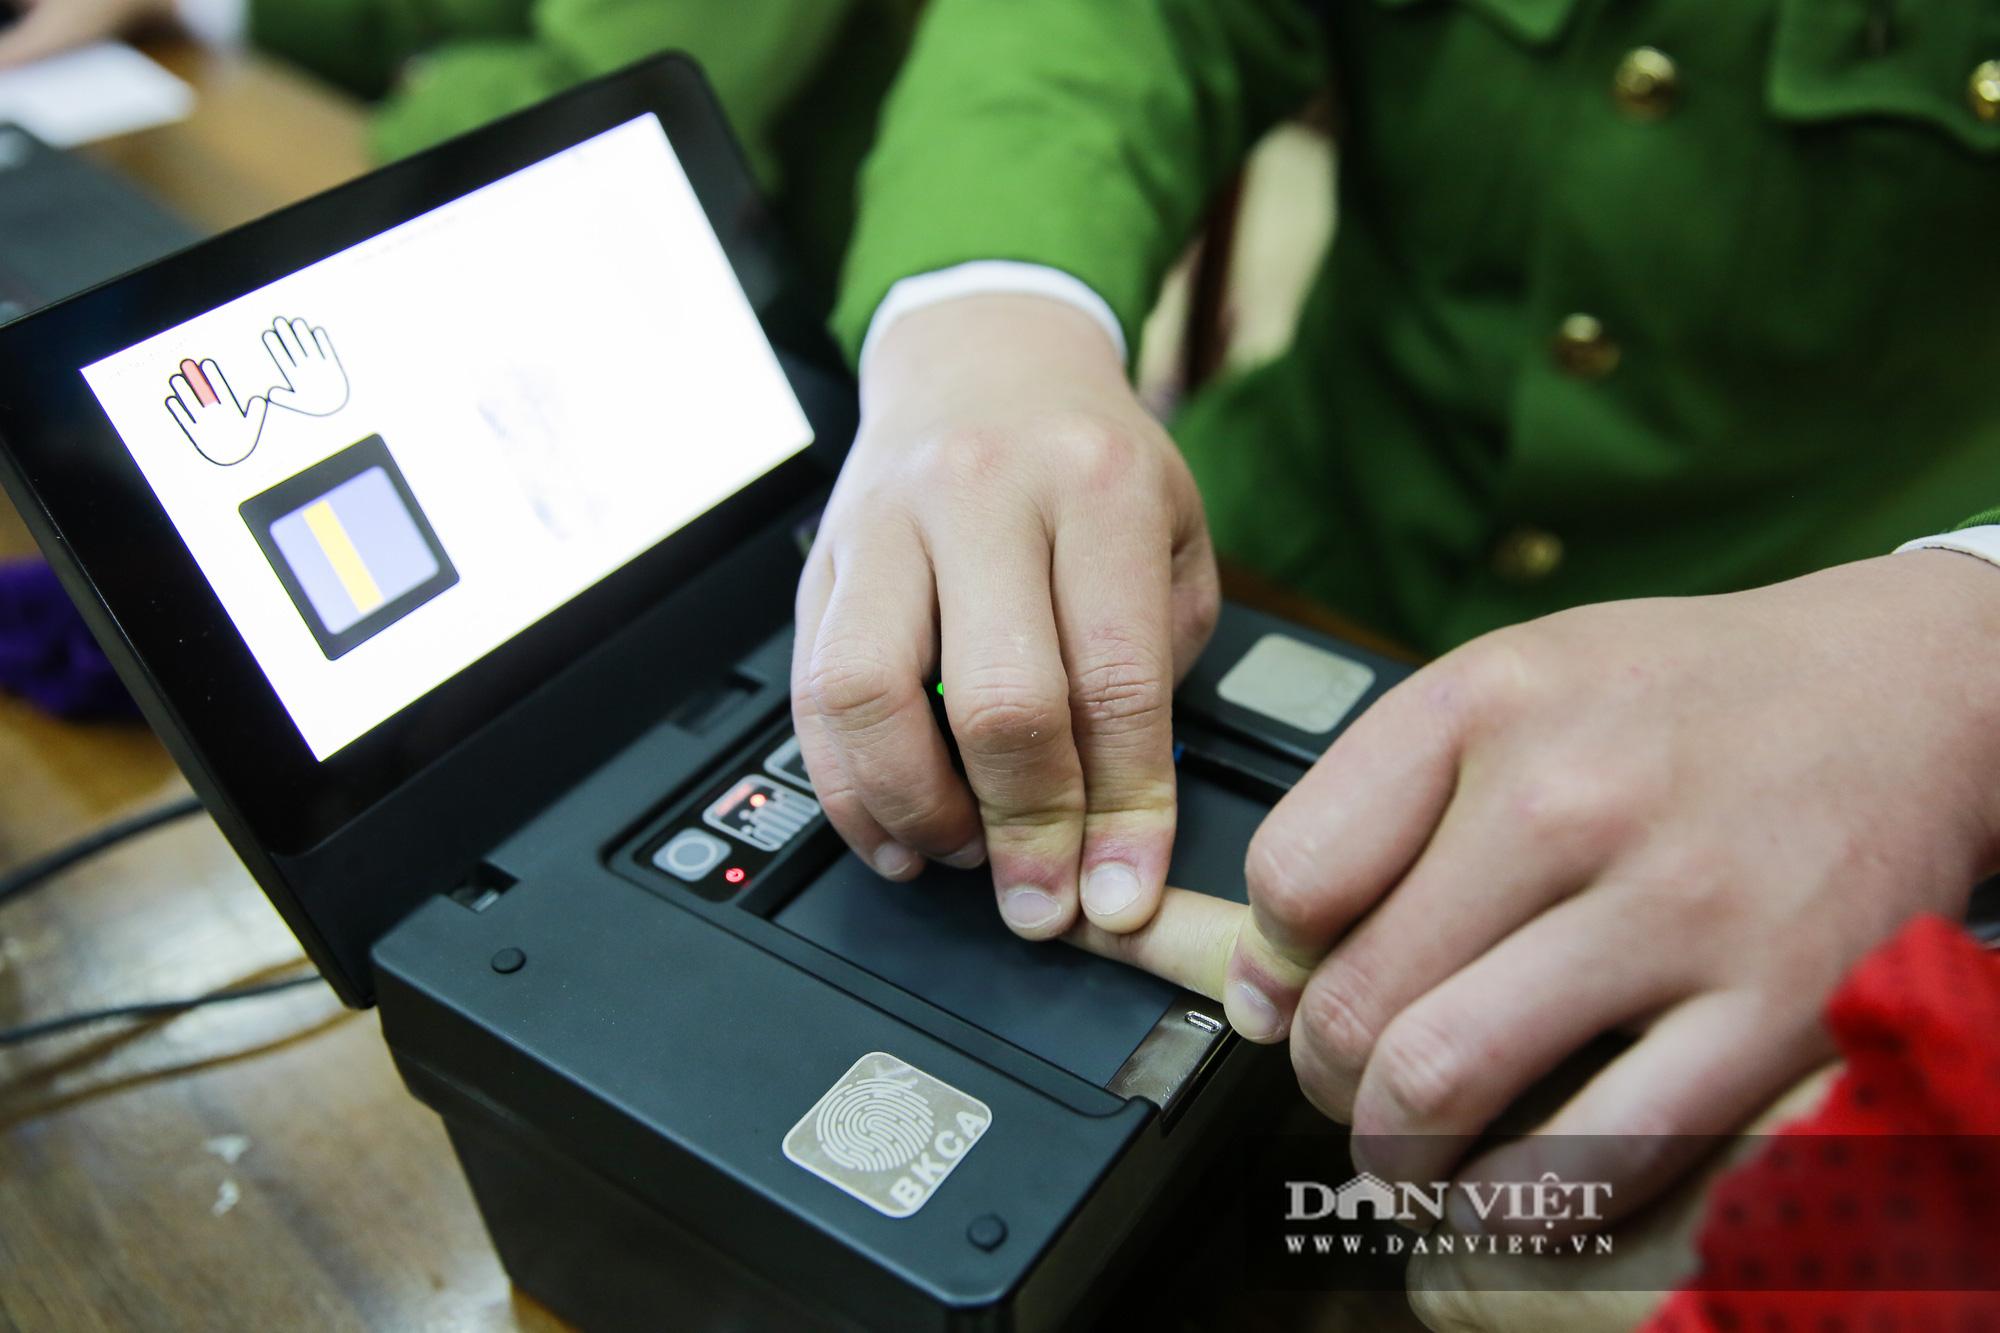 Mục sở thị quá trình cấp thẻ căn cước công dân gắn chíp lưu động tại Hà Nội - Ảnh 5.